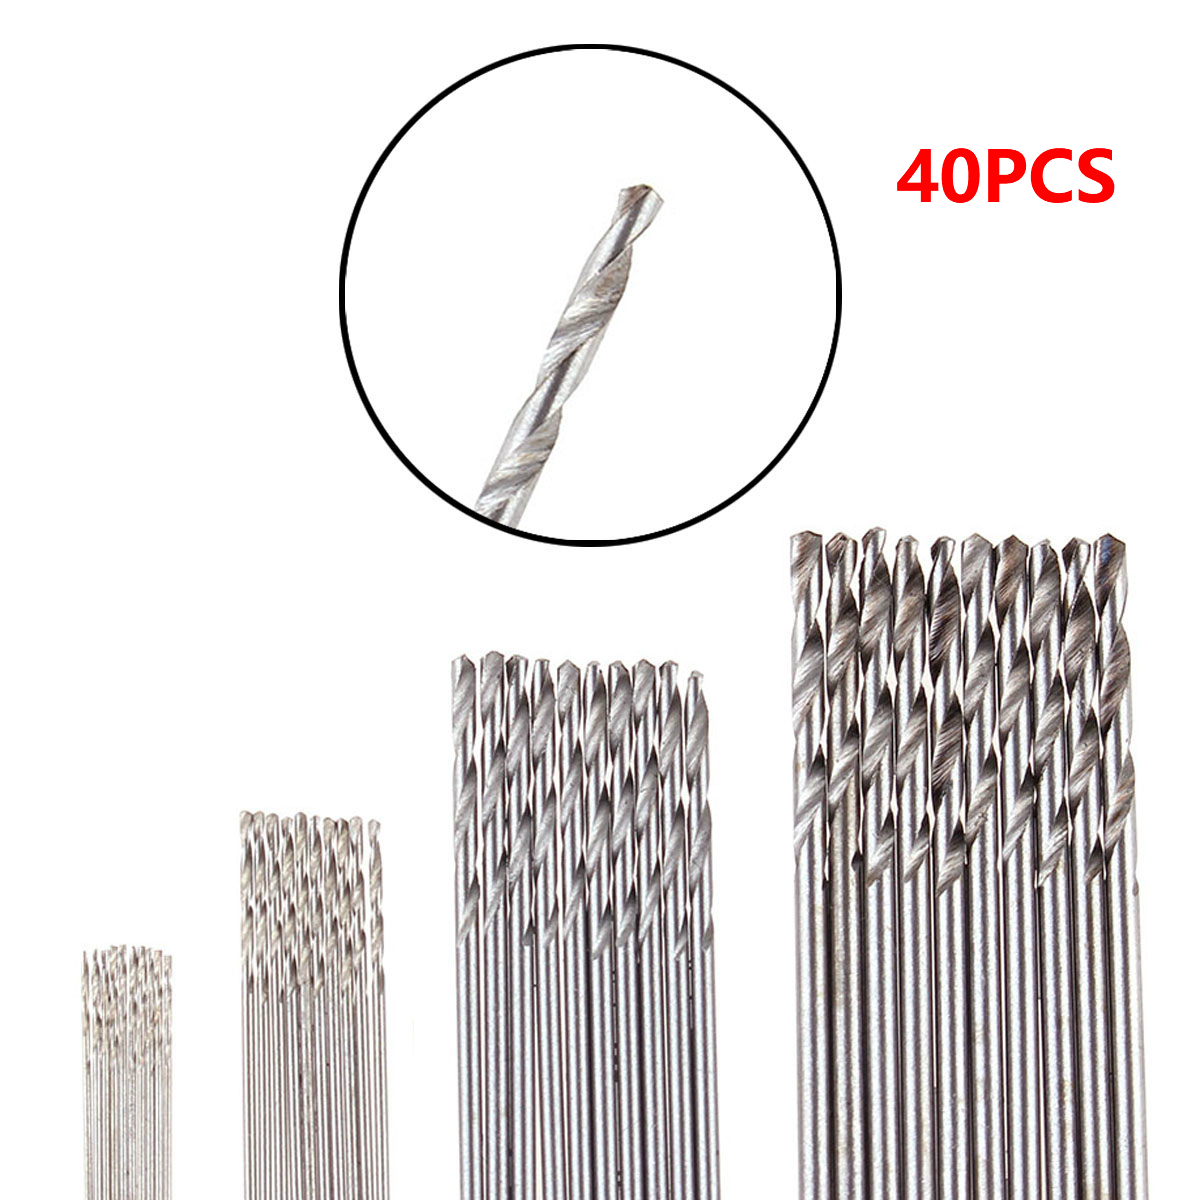 40Pcs/Set 0.5mm 0.8mm 1.5mm 2.0mm HSS Mini Drill Twist Drill Bits Set For Woodworking Plastic And Aluminum